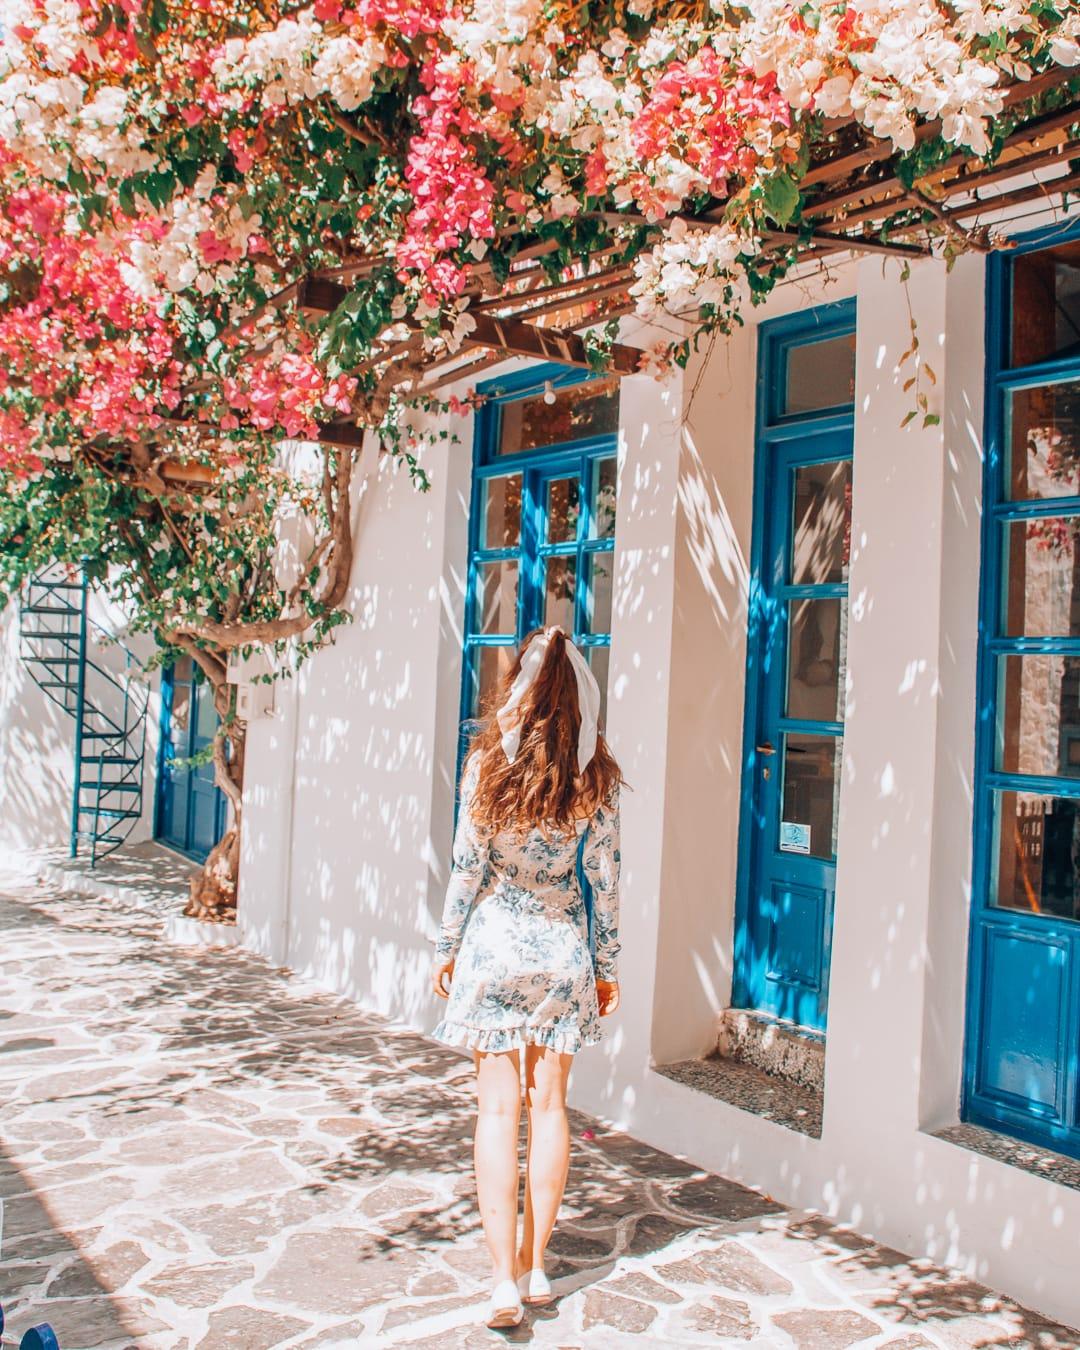 Girl walking in Plaka, Milos